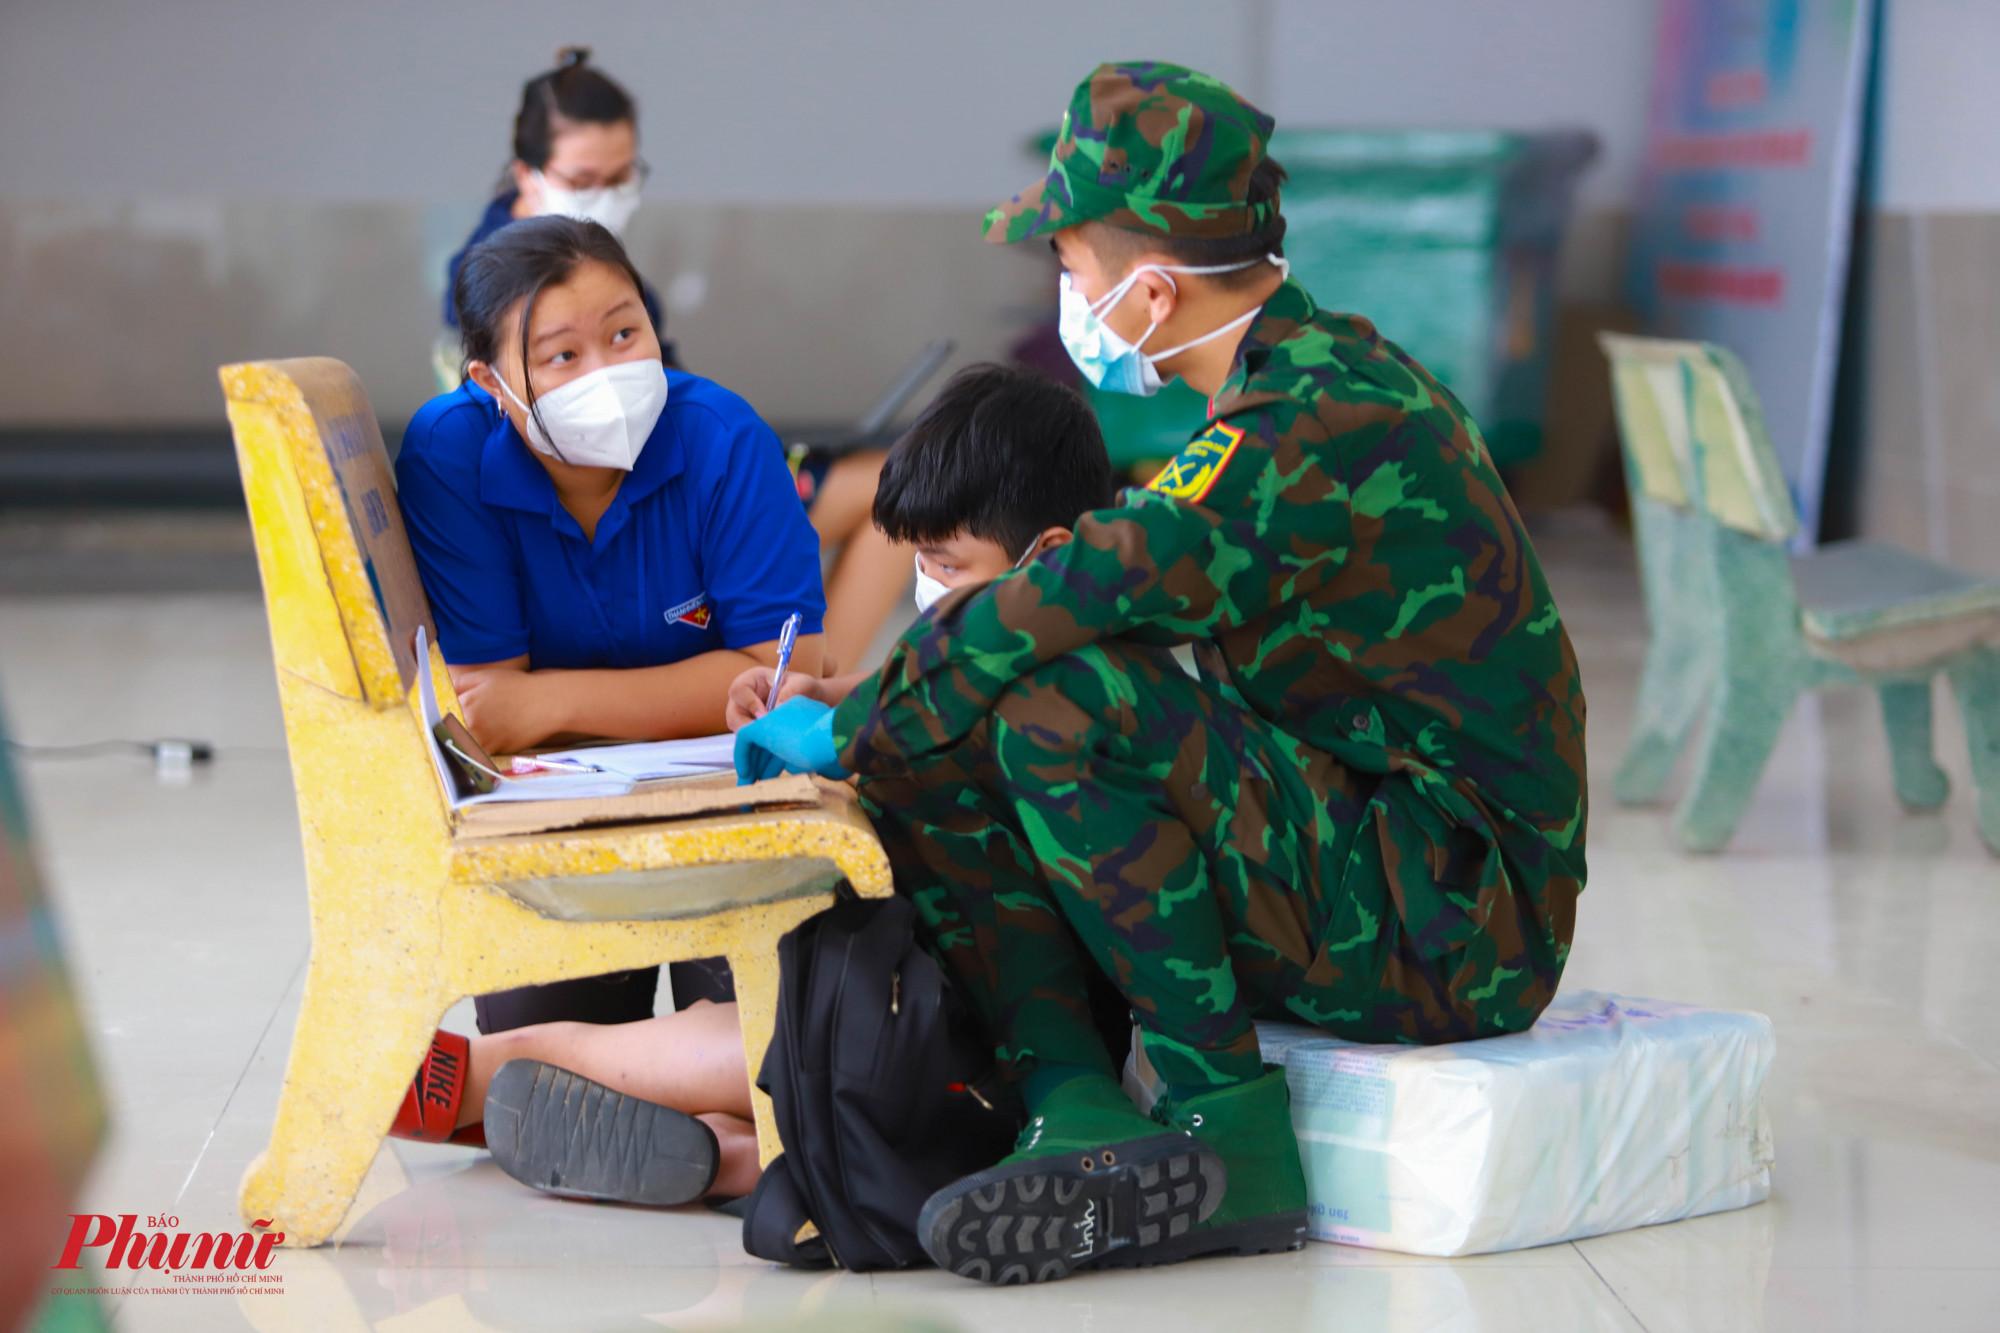 Lực lượng Đoàn viên và các chiến sĩ cùng hỗ trợ các em học sinh